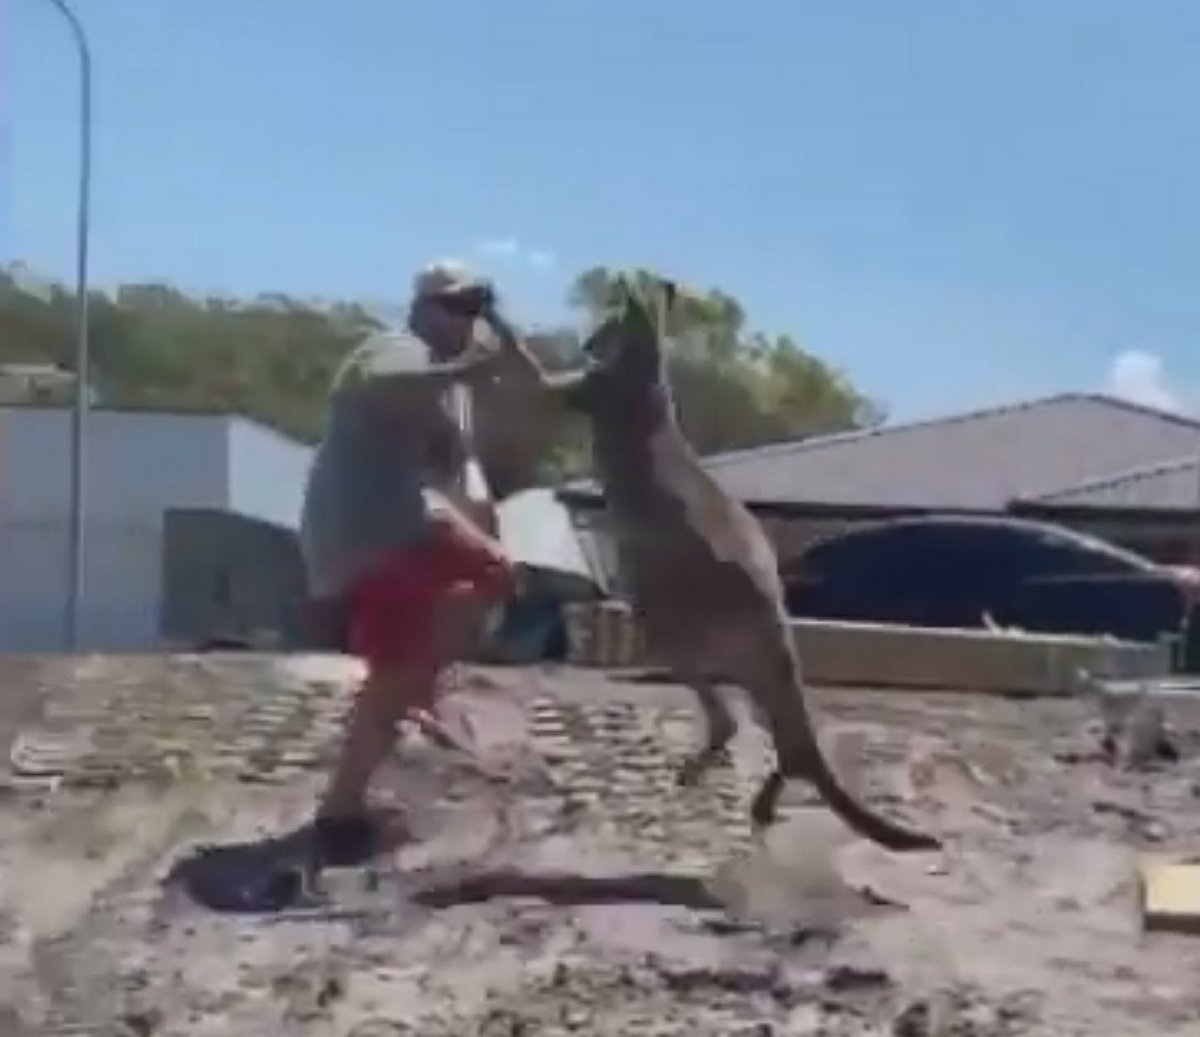 Ce père s'est fait frapper par un kangourou alors qu'il tentait de défendre ses enfants